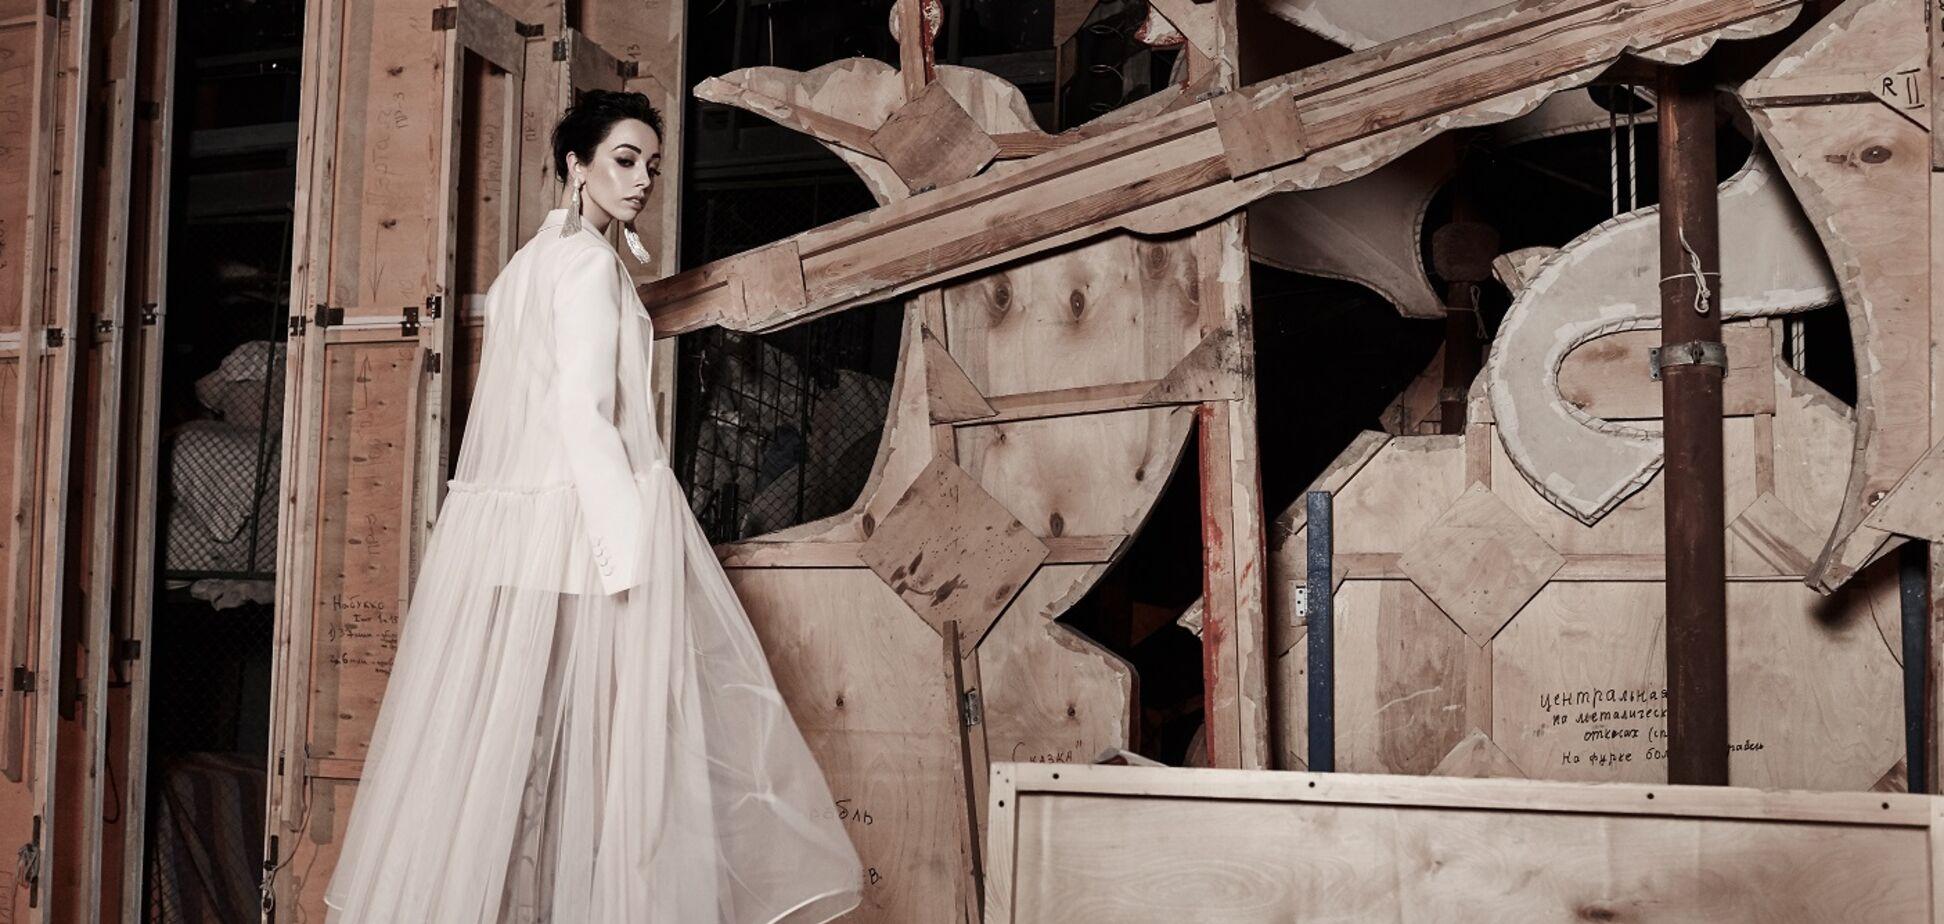 'Всем не угодишь': балерина Екатерина Кухар о покорении зарубежной публики и секретах красоты